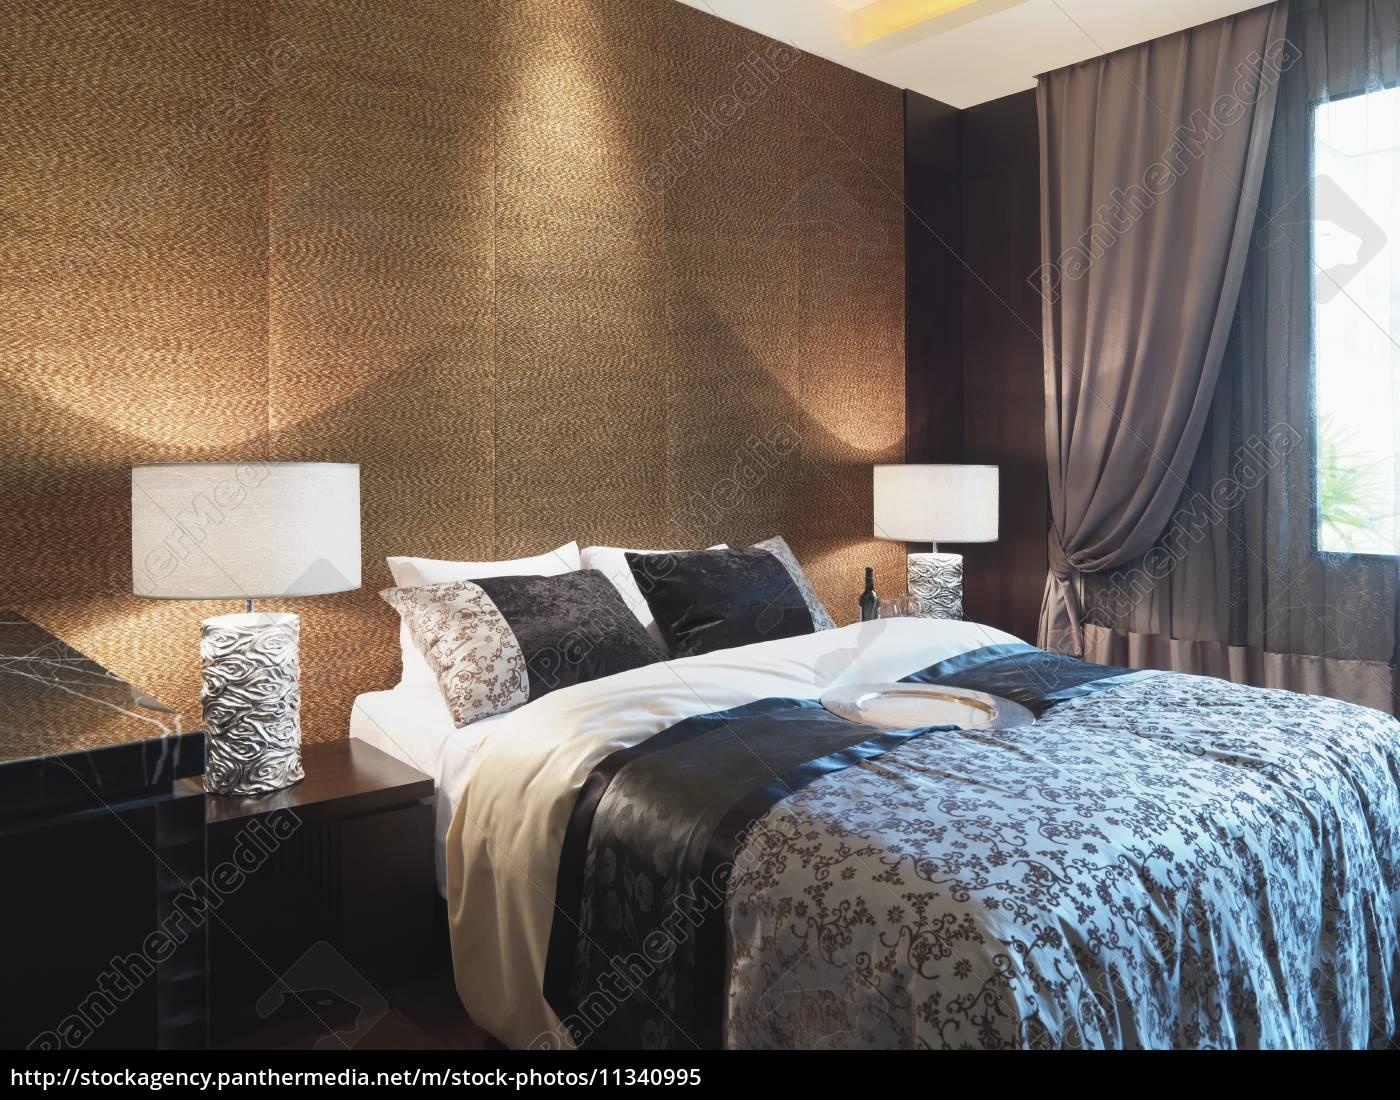 Strukturierte Wand Hinter Bett Lizenzfreies Bild 11340995